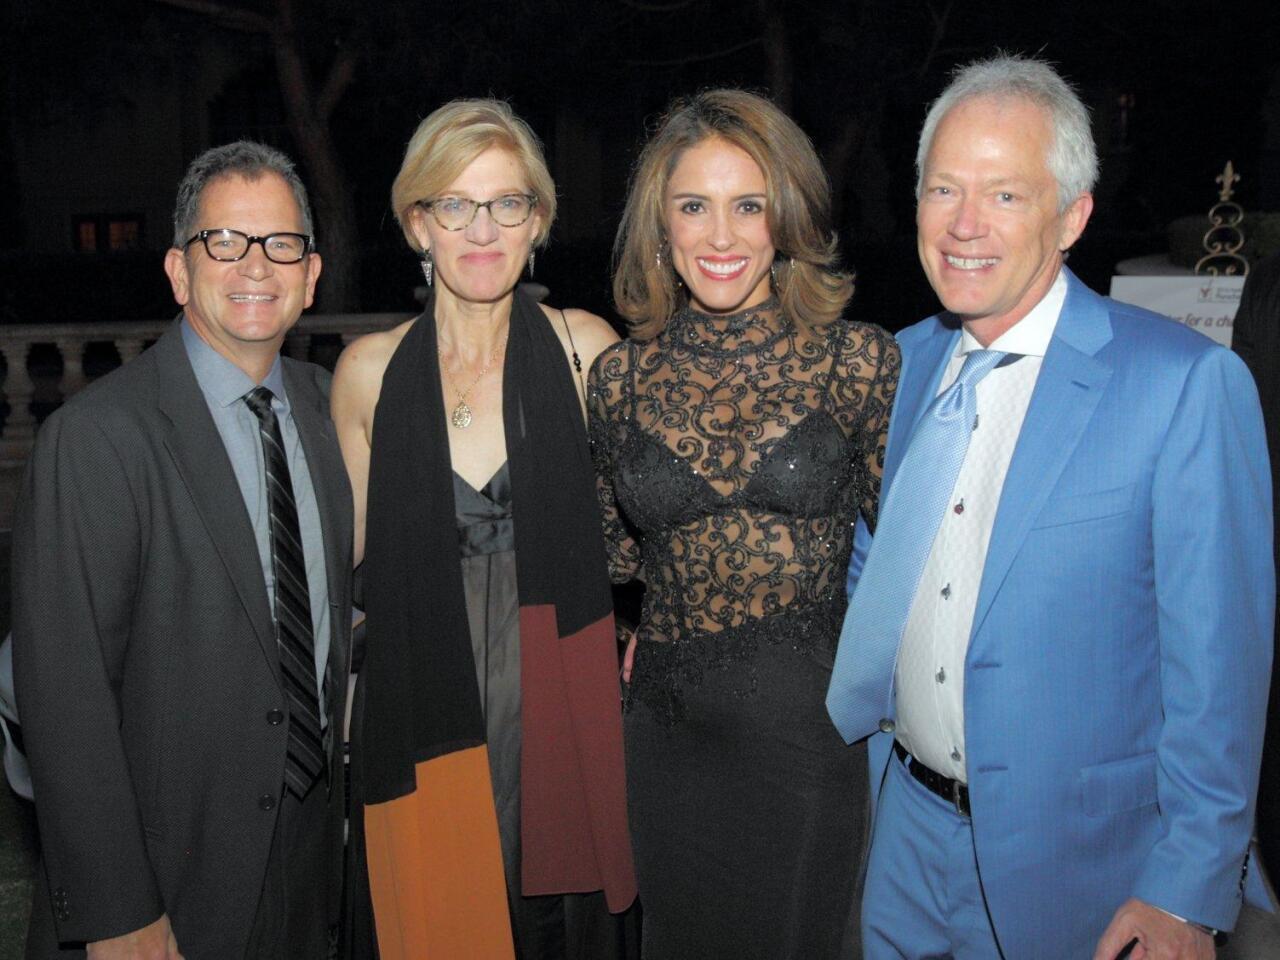 Jim and Karen Brailean, Maru DaVila, Andrew Dumke